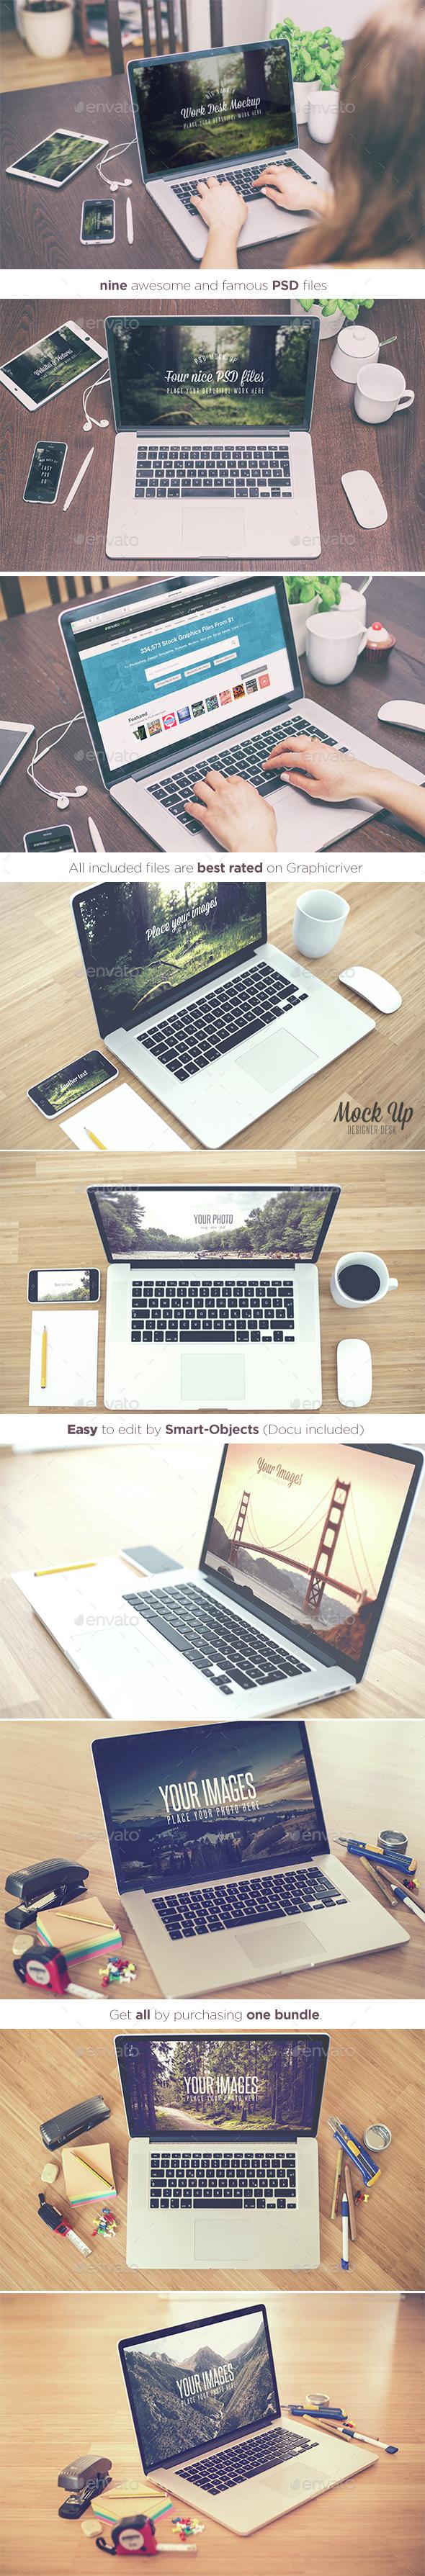 Work Desks - Realistic Mock Up - Bundle  (Displays)